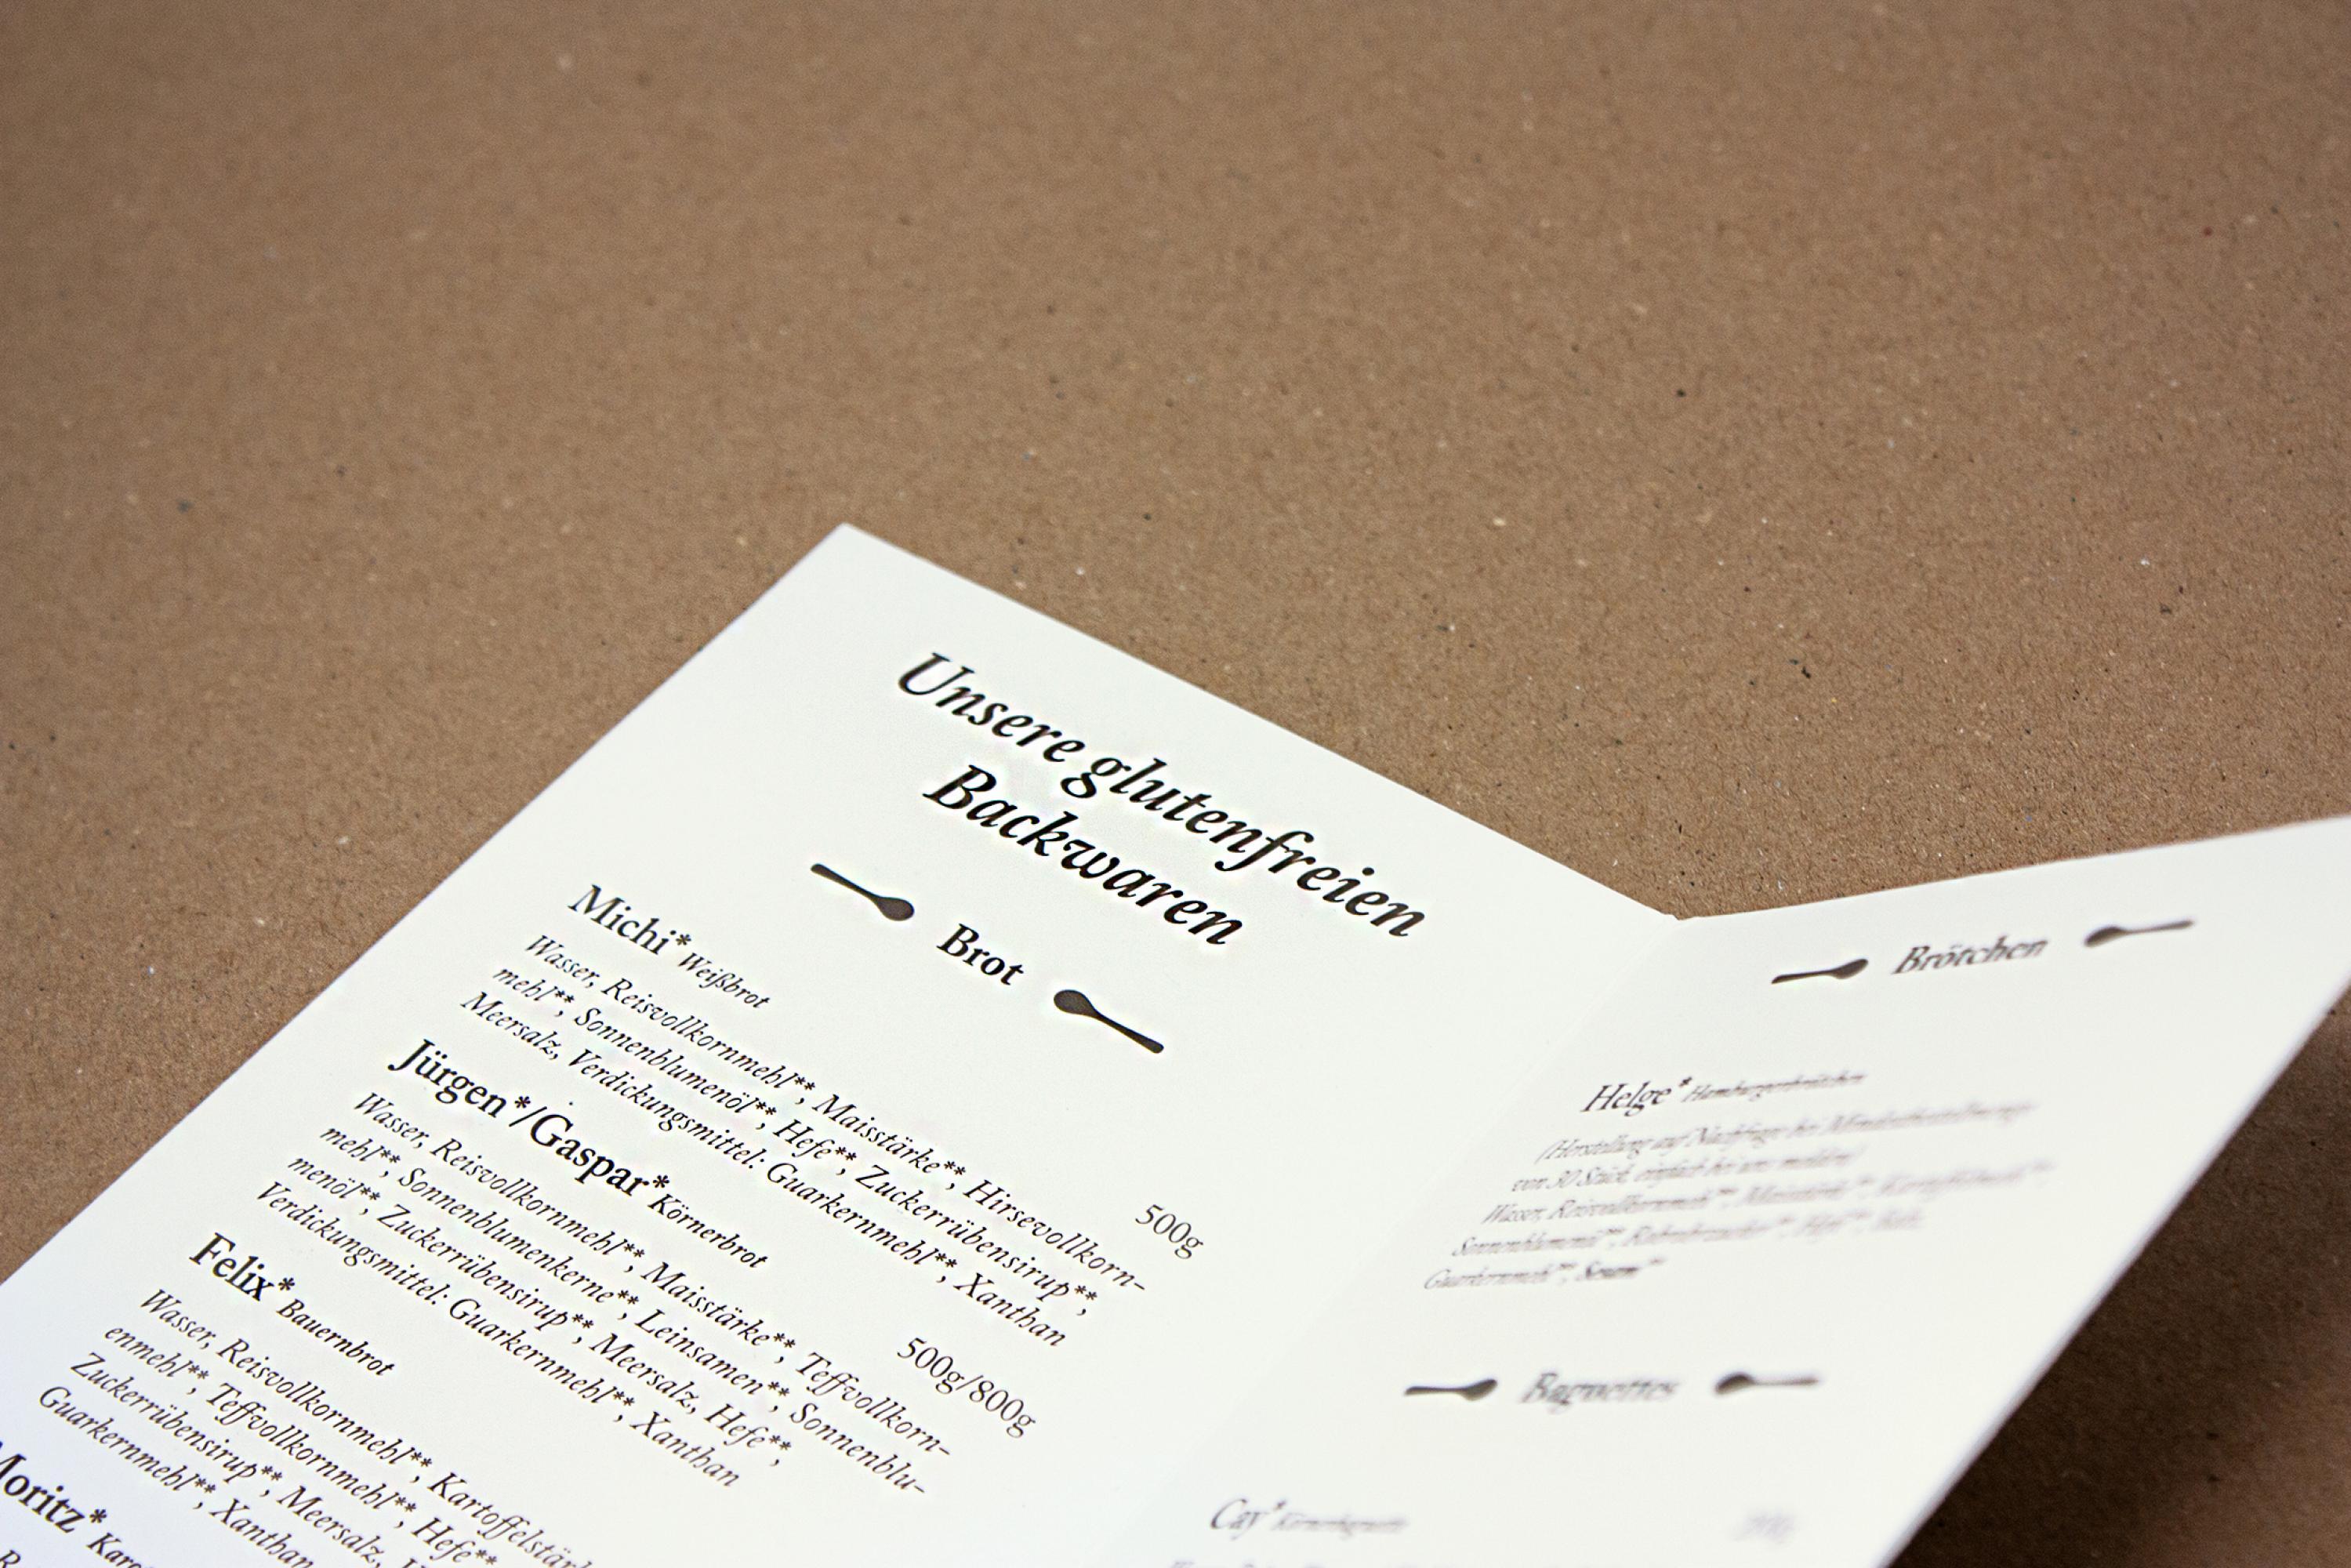 zutatenlise-jute-baeckerei-print-design-4